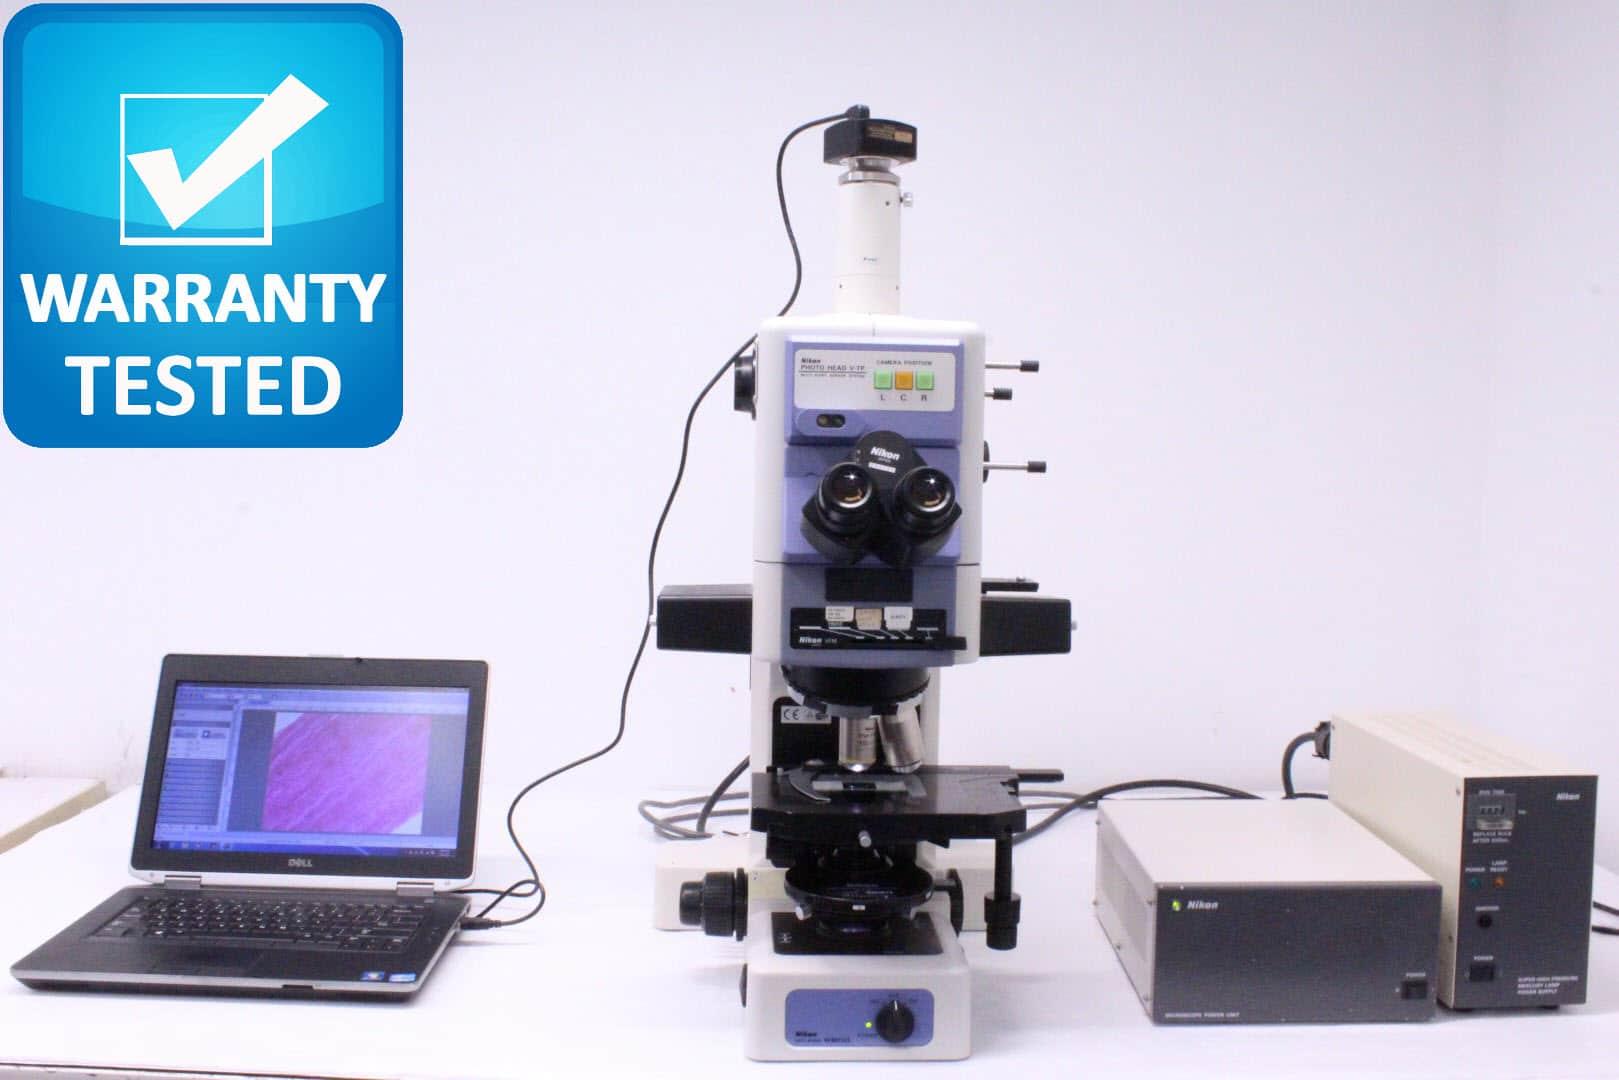 Nikon E800 Microscope Fluorescence DIC